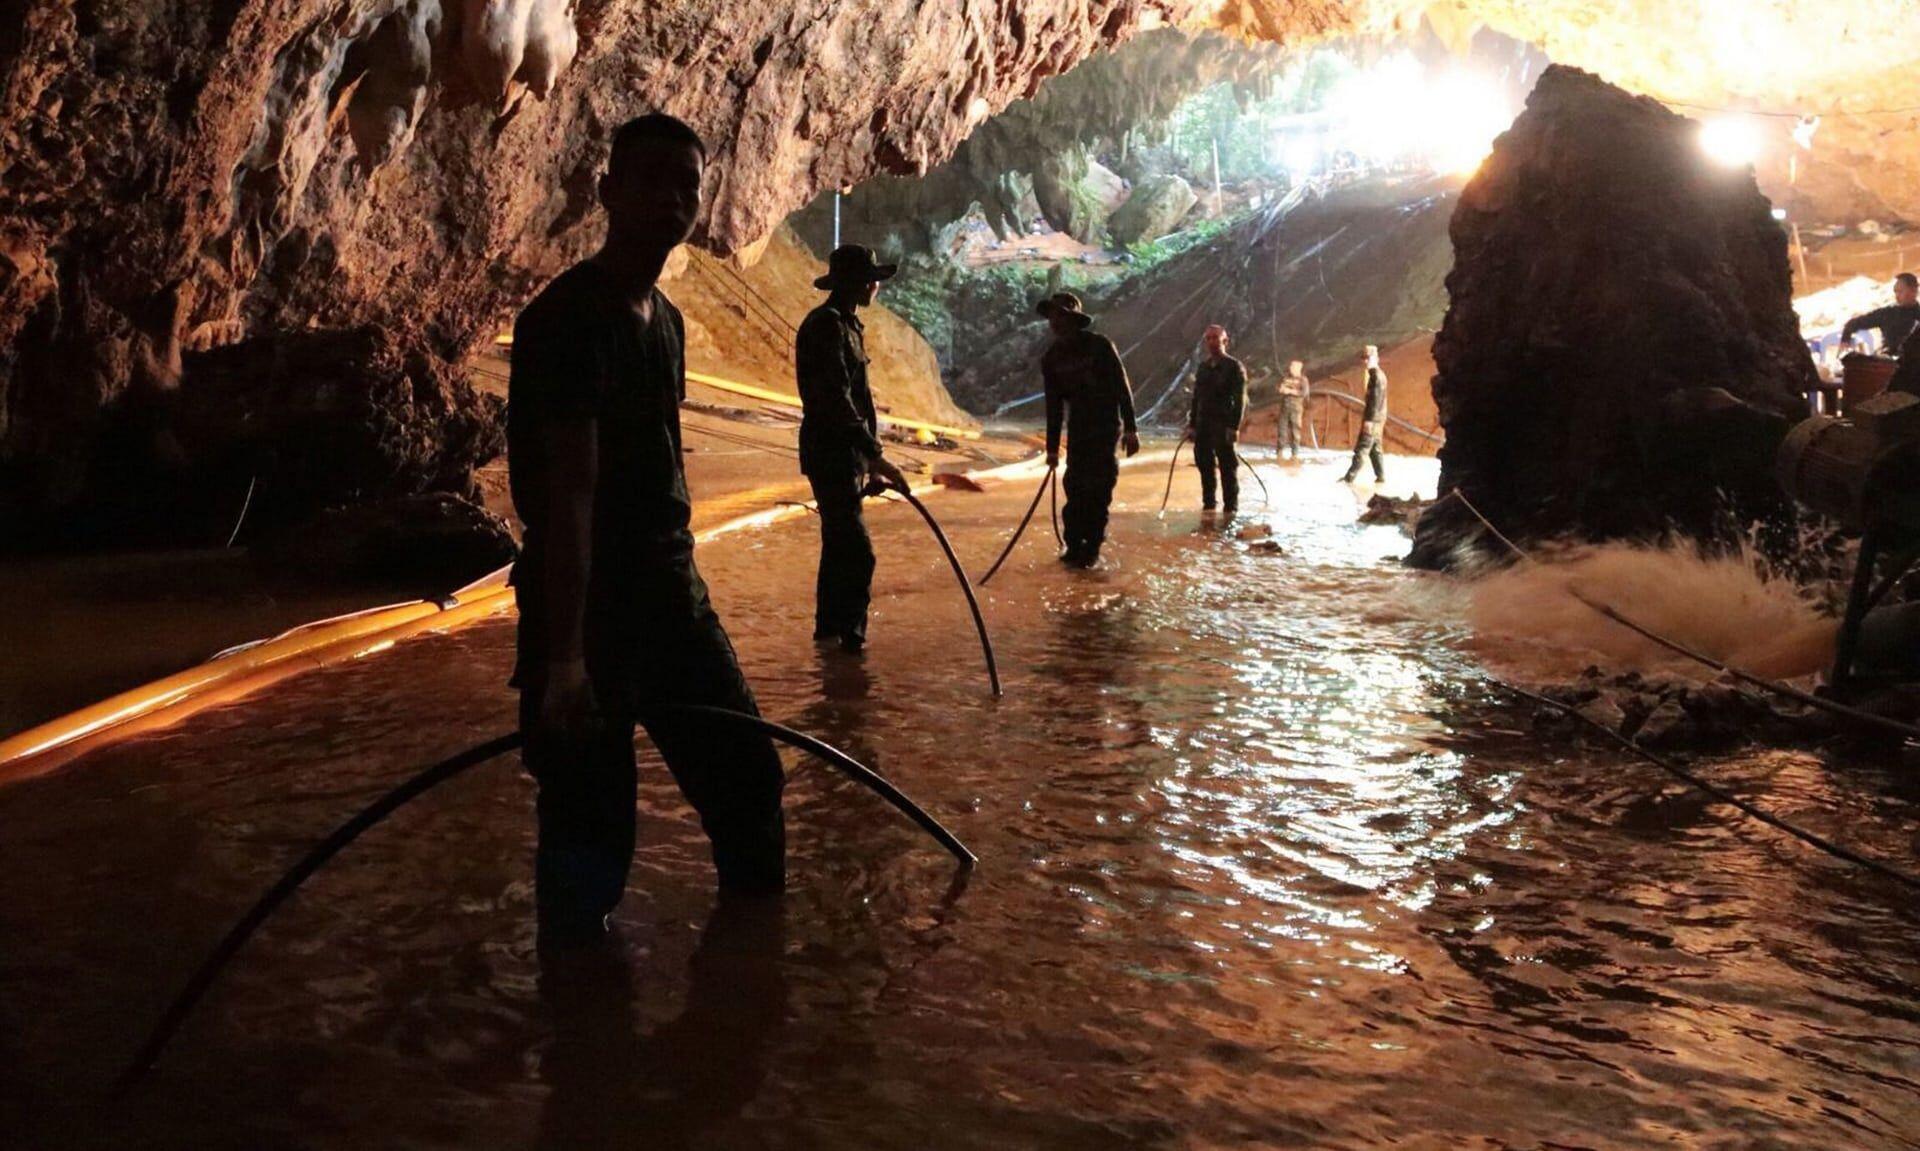 Hollywood Tertarik Buat Film Penyelamatan di Gua Thailand